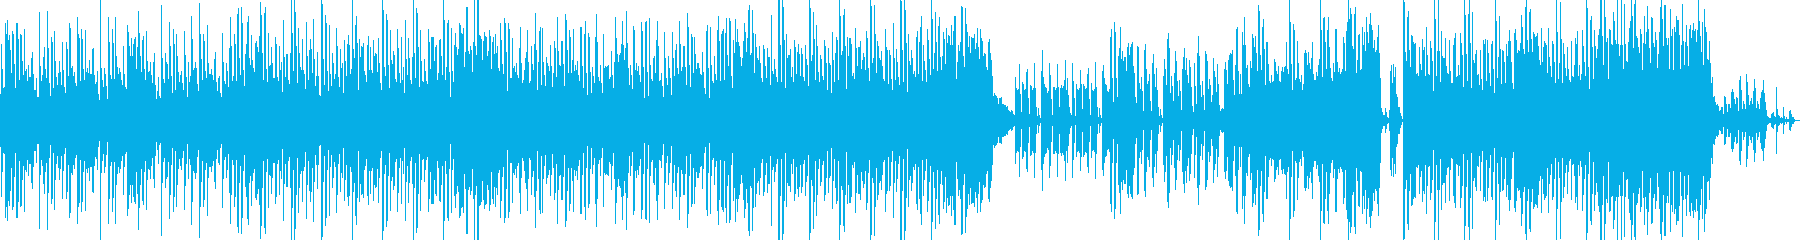 犬の鳴き声をキャッチーに使用したトラックの再生済みの波形